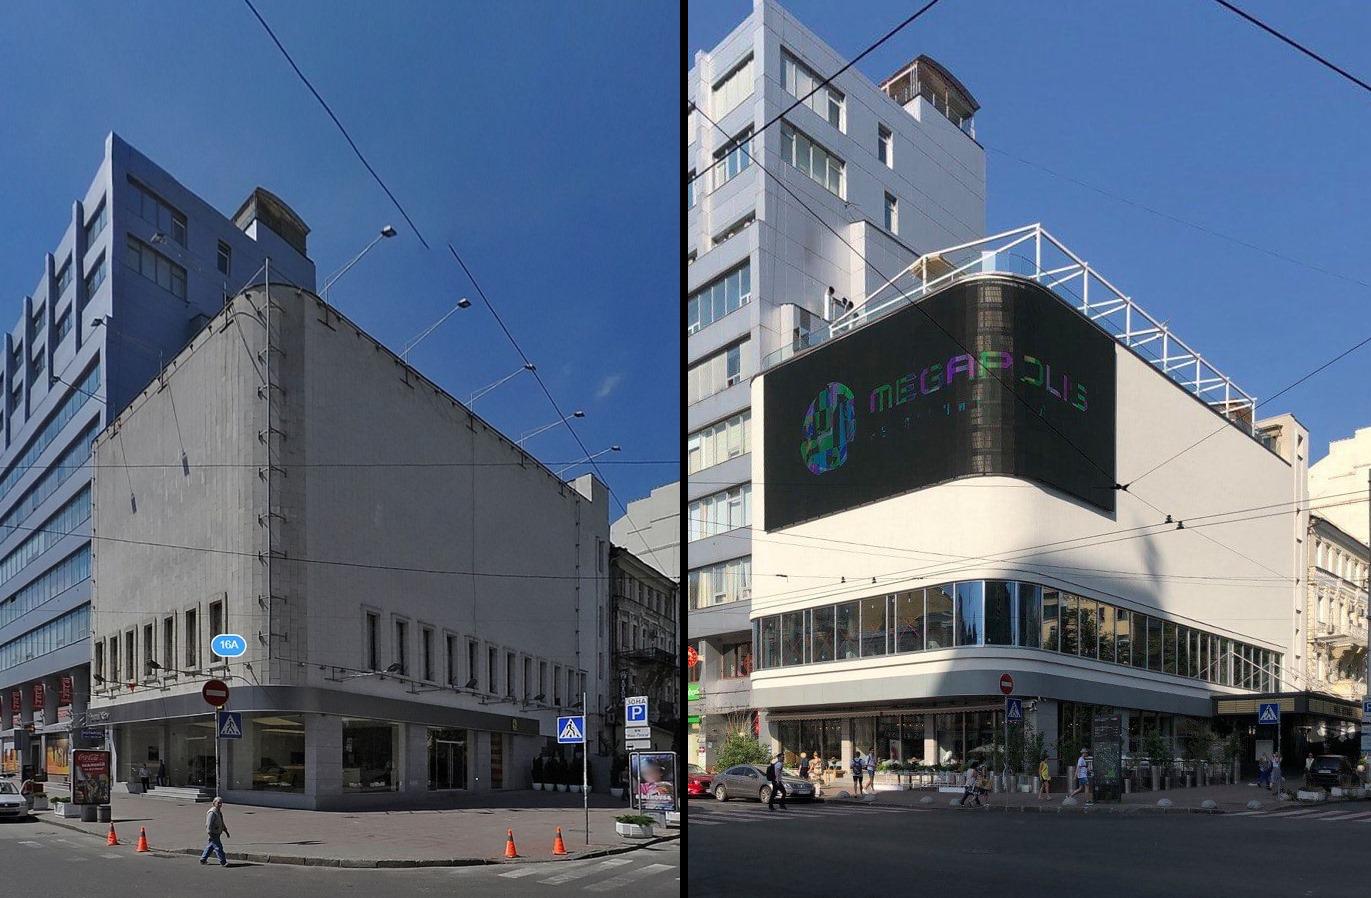 У центрі Києва зруйнували оригінальний фасад модерністської будівлі